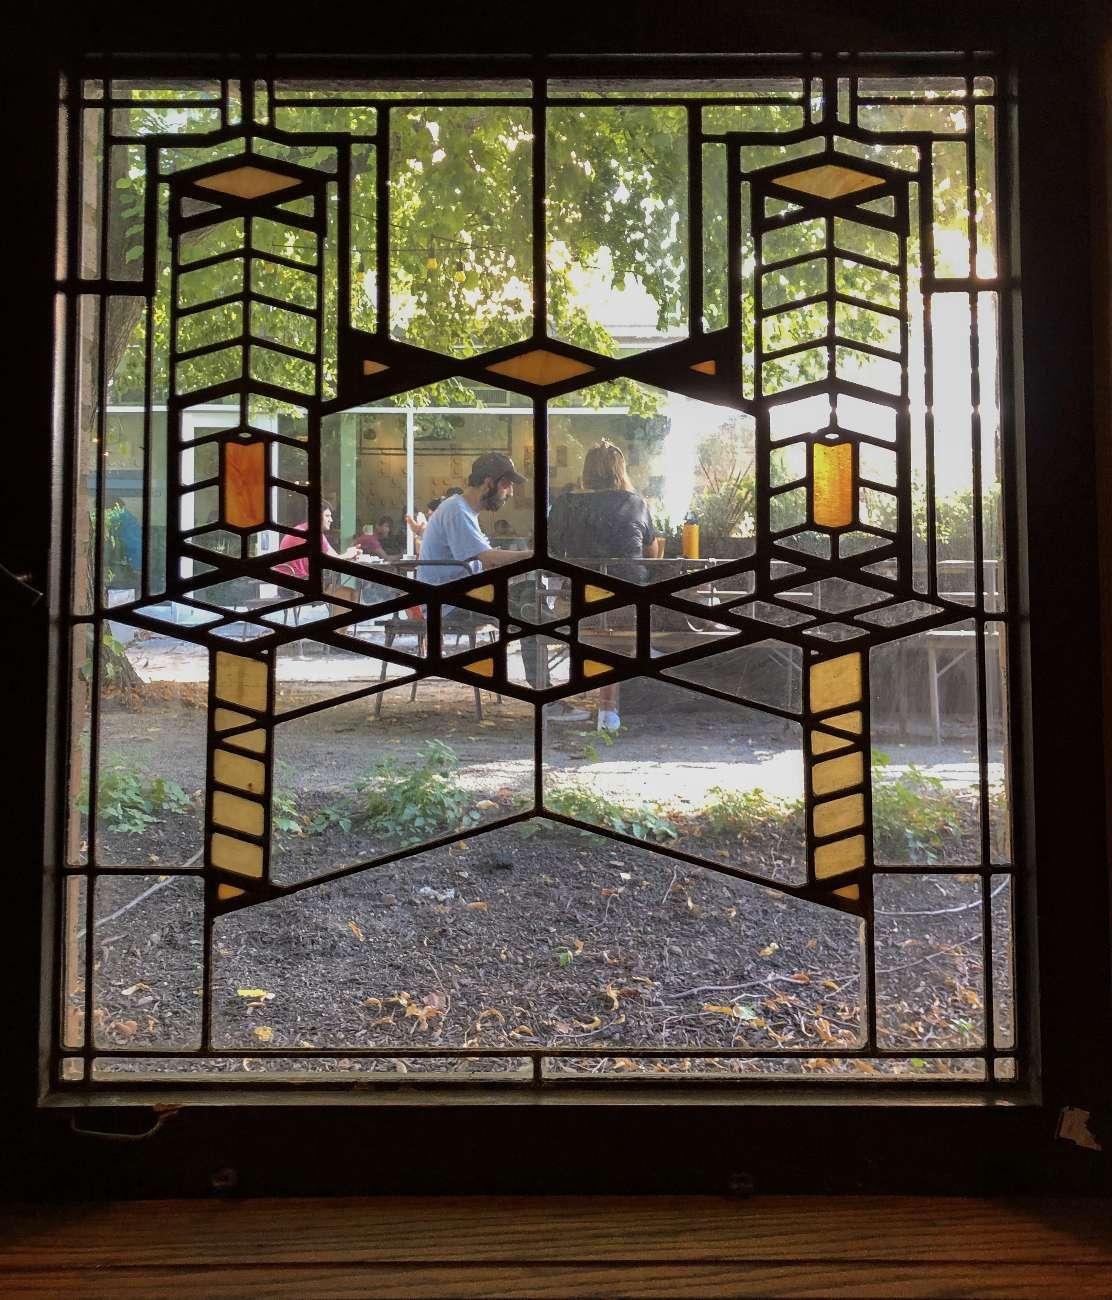 Bleifenster designt von Frank Lloyd Wright in Chicago